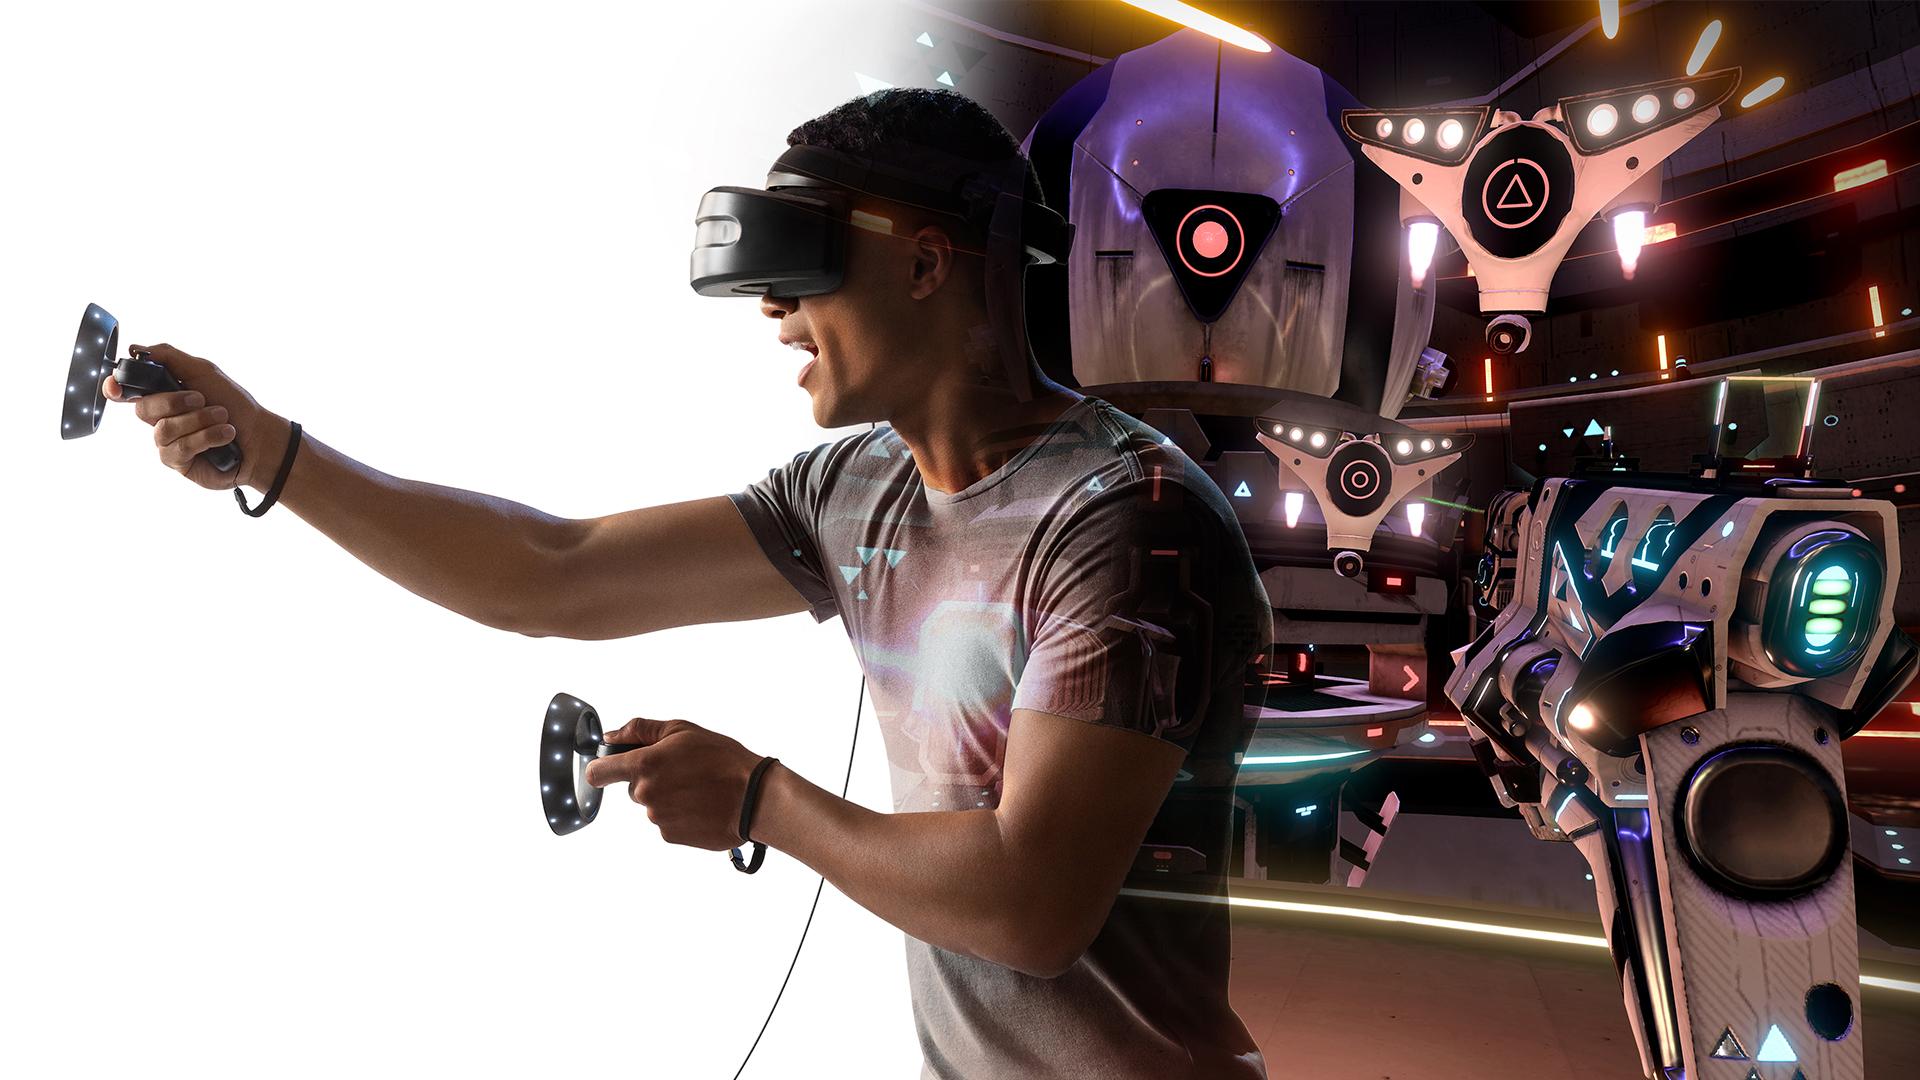 Homme utilisant du matériel Windows Mixed Reality pour utiliser le jeu Space Pirate Trainer